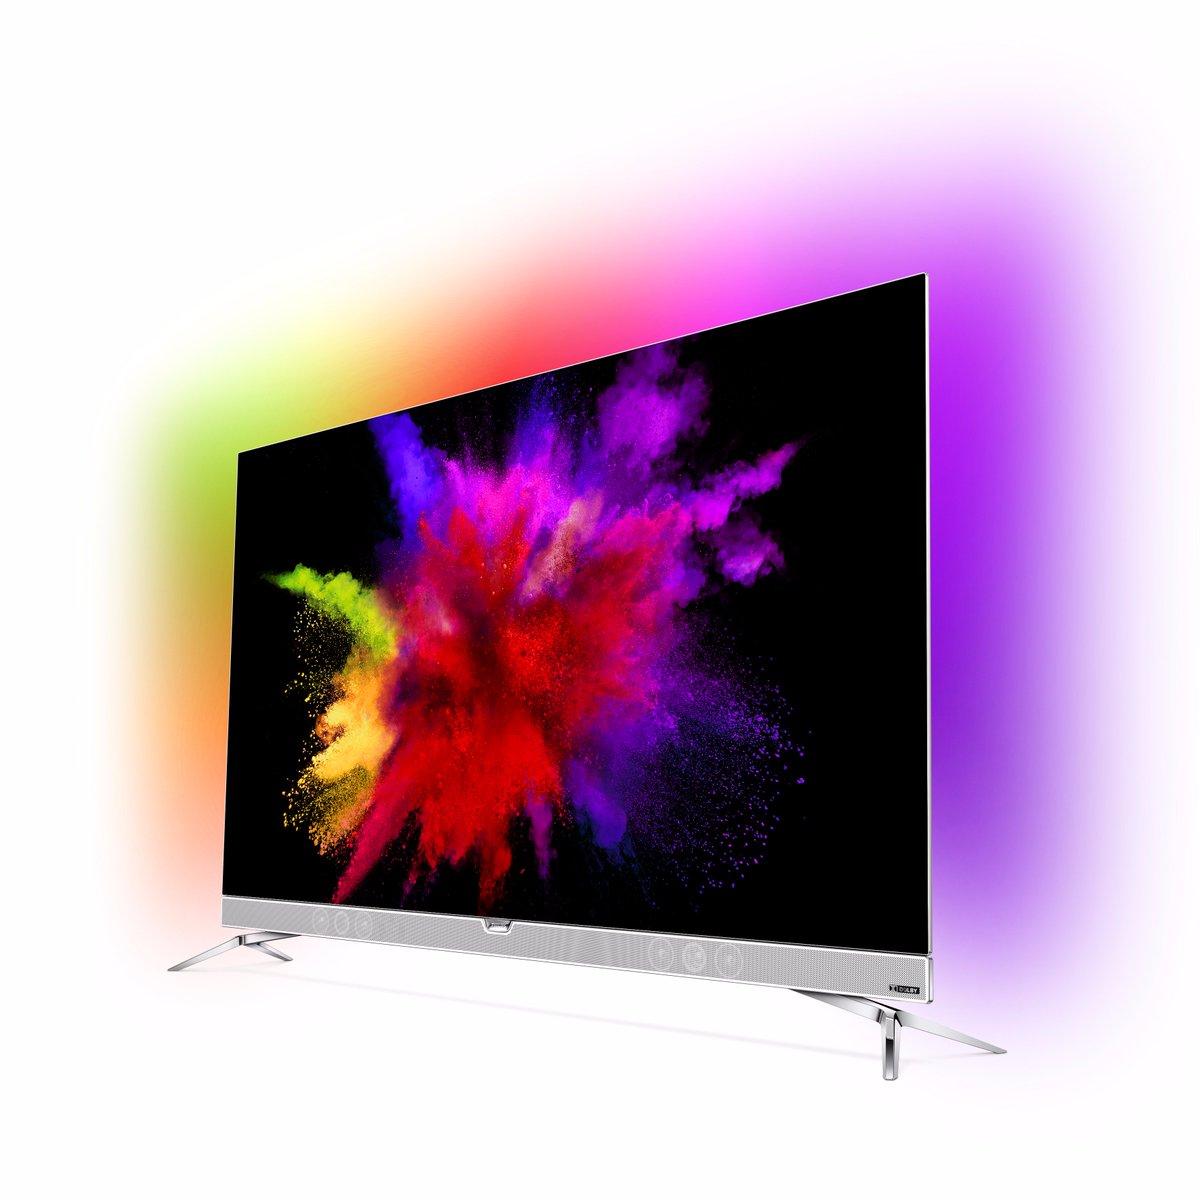 .@lesnums_rss ont testé le 901F, le premier téléviseur #Oled avec Android TV et #Ambilight. Découvrez leur avis : https://t.co/aZnHLcGMwP https://t.co/bhCOOmnznh